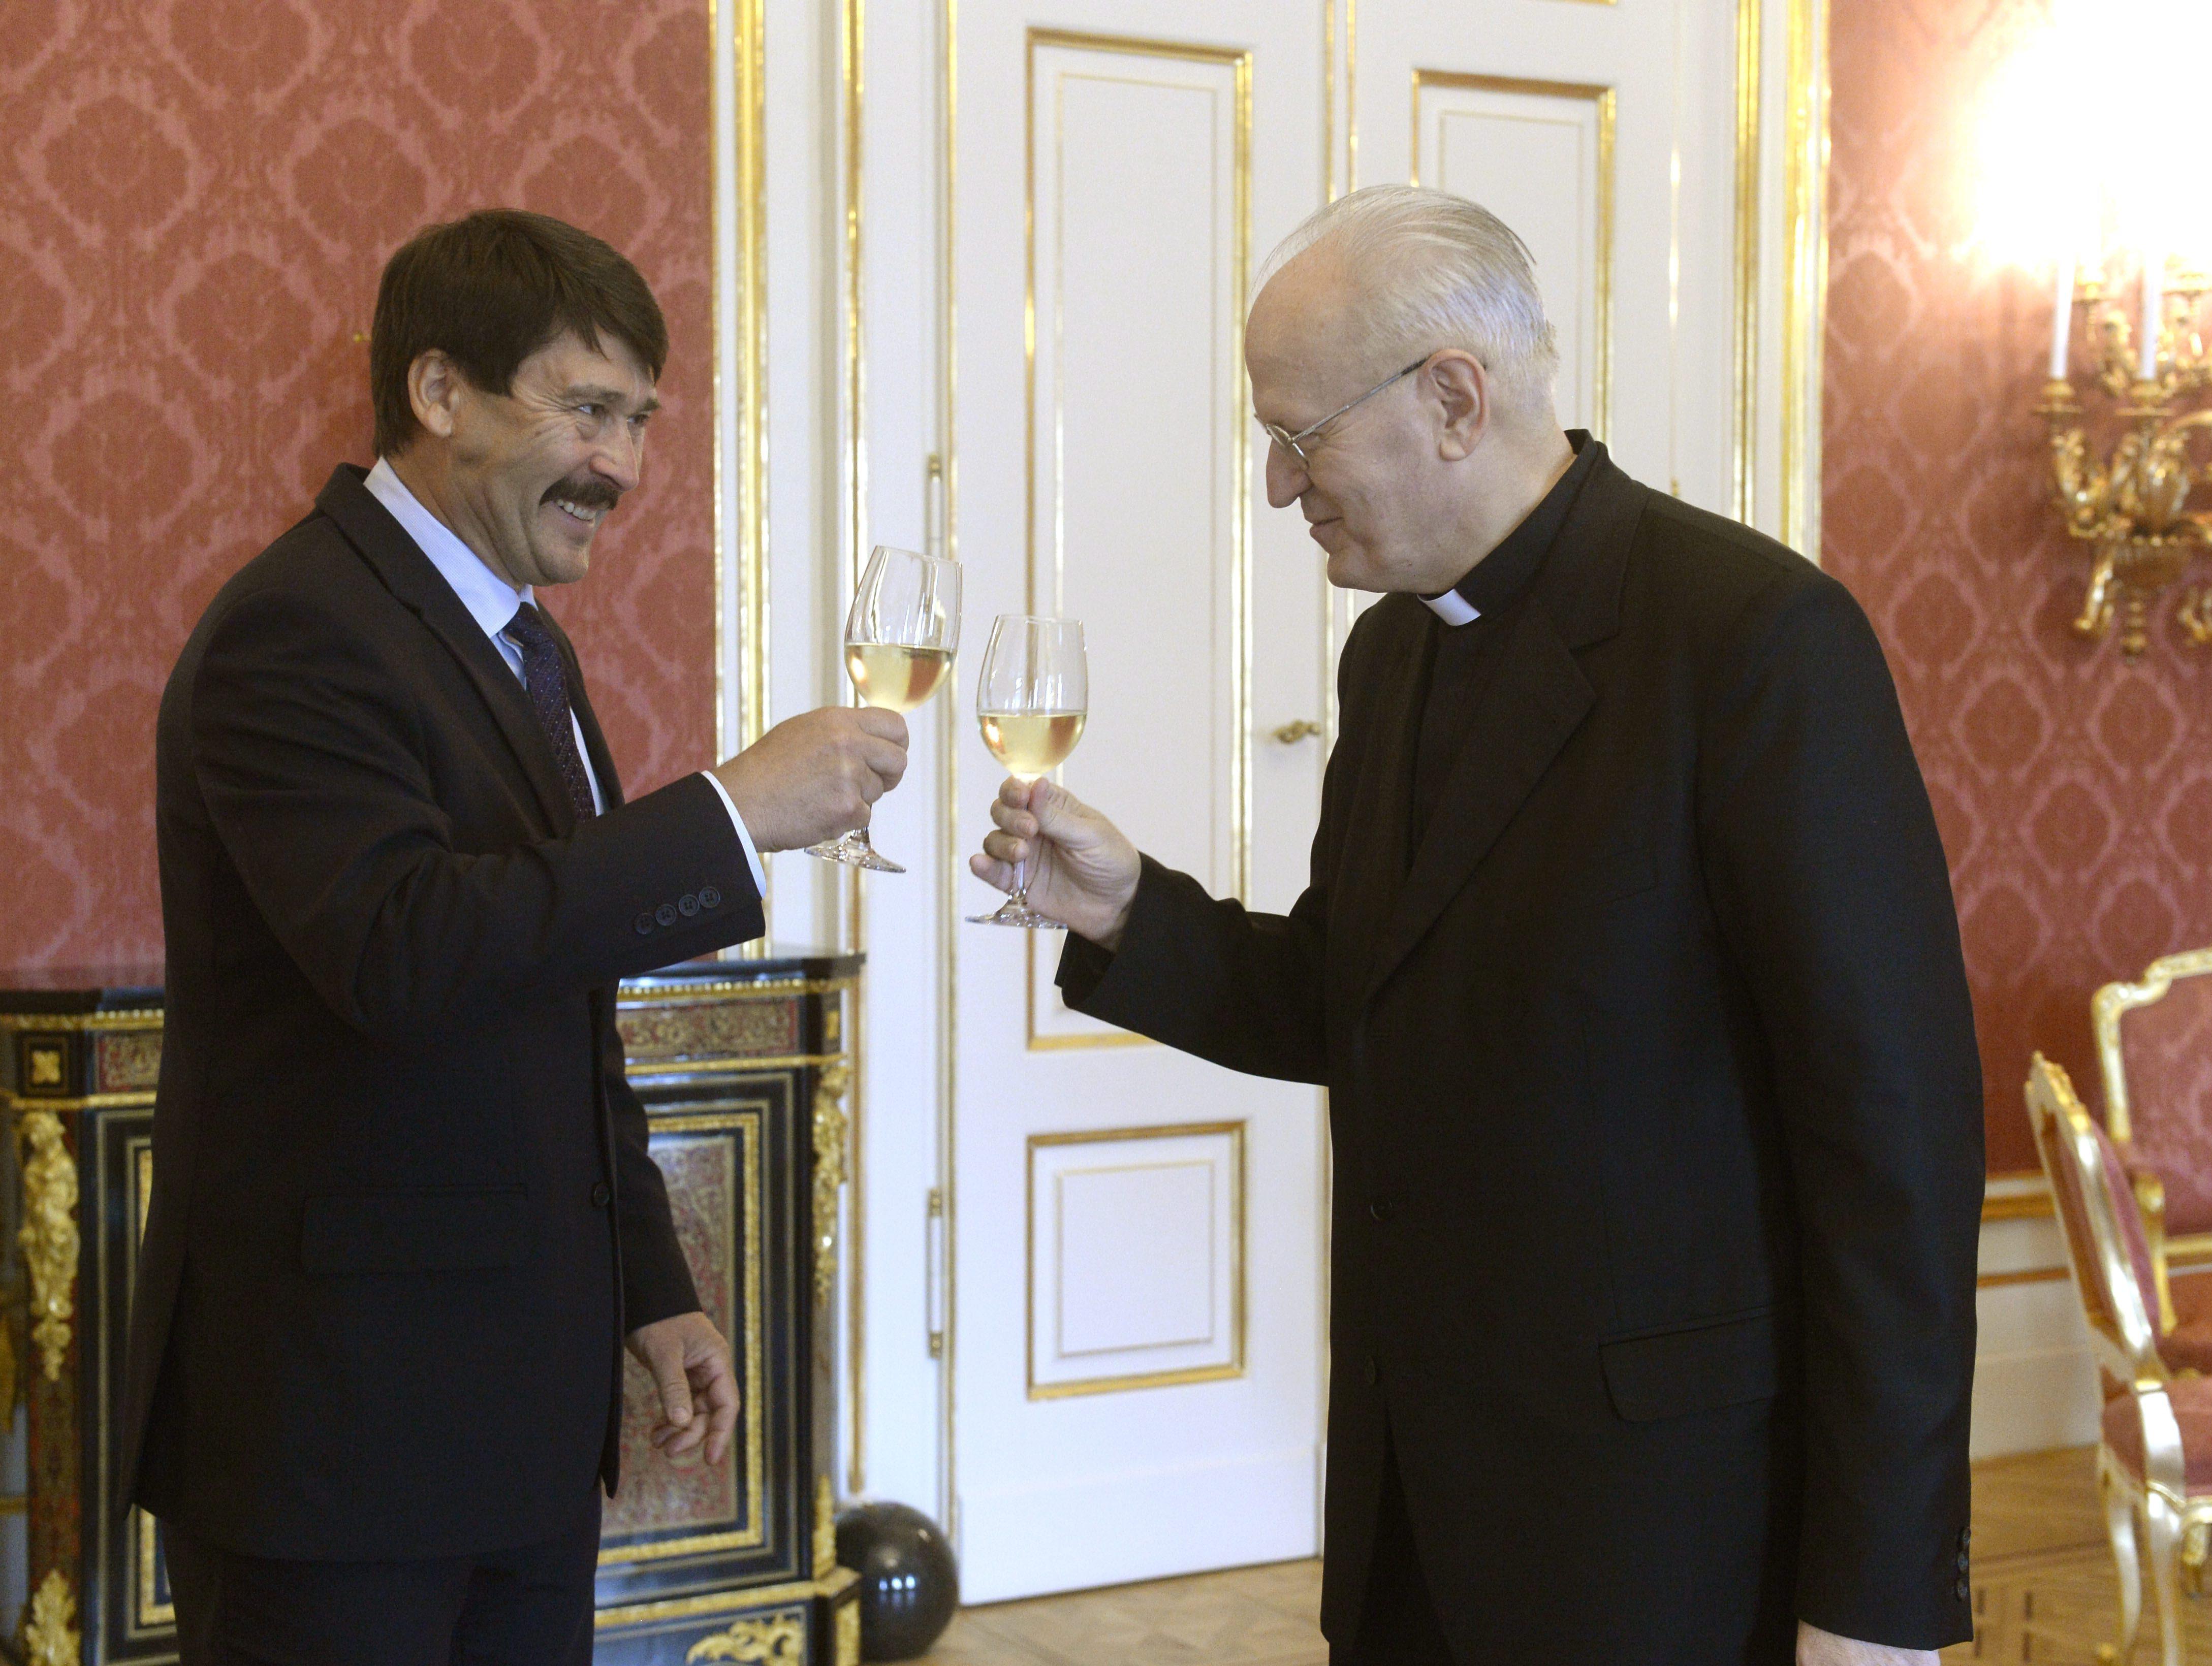 Katolikusoknak a kvótanépszavazásról - A püspöki kar hallgat, a makói plébánosnak elege lett és lépett